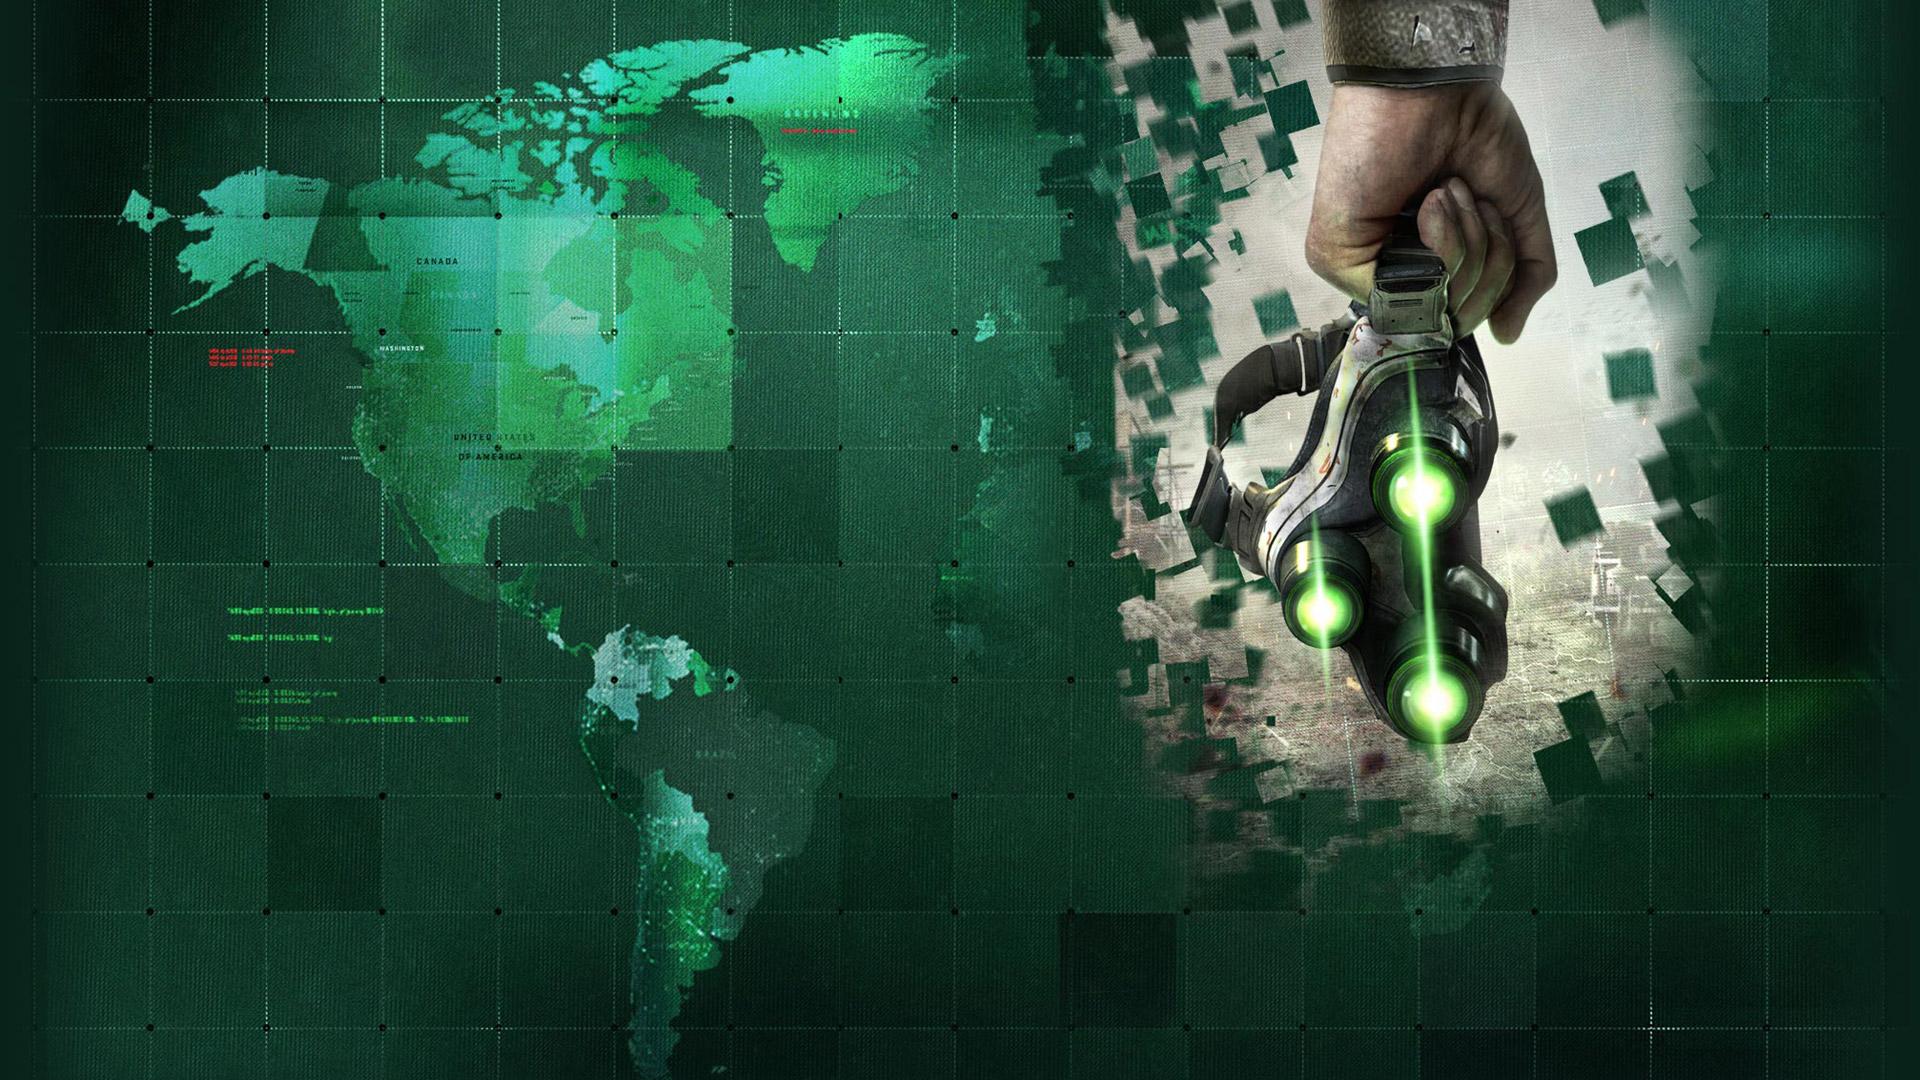 Splinter Cell Blacklist wallpaper 11